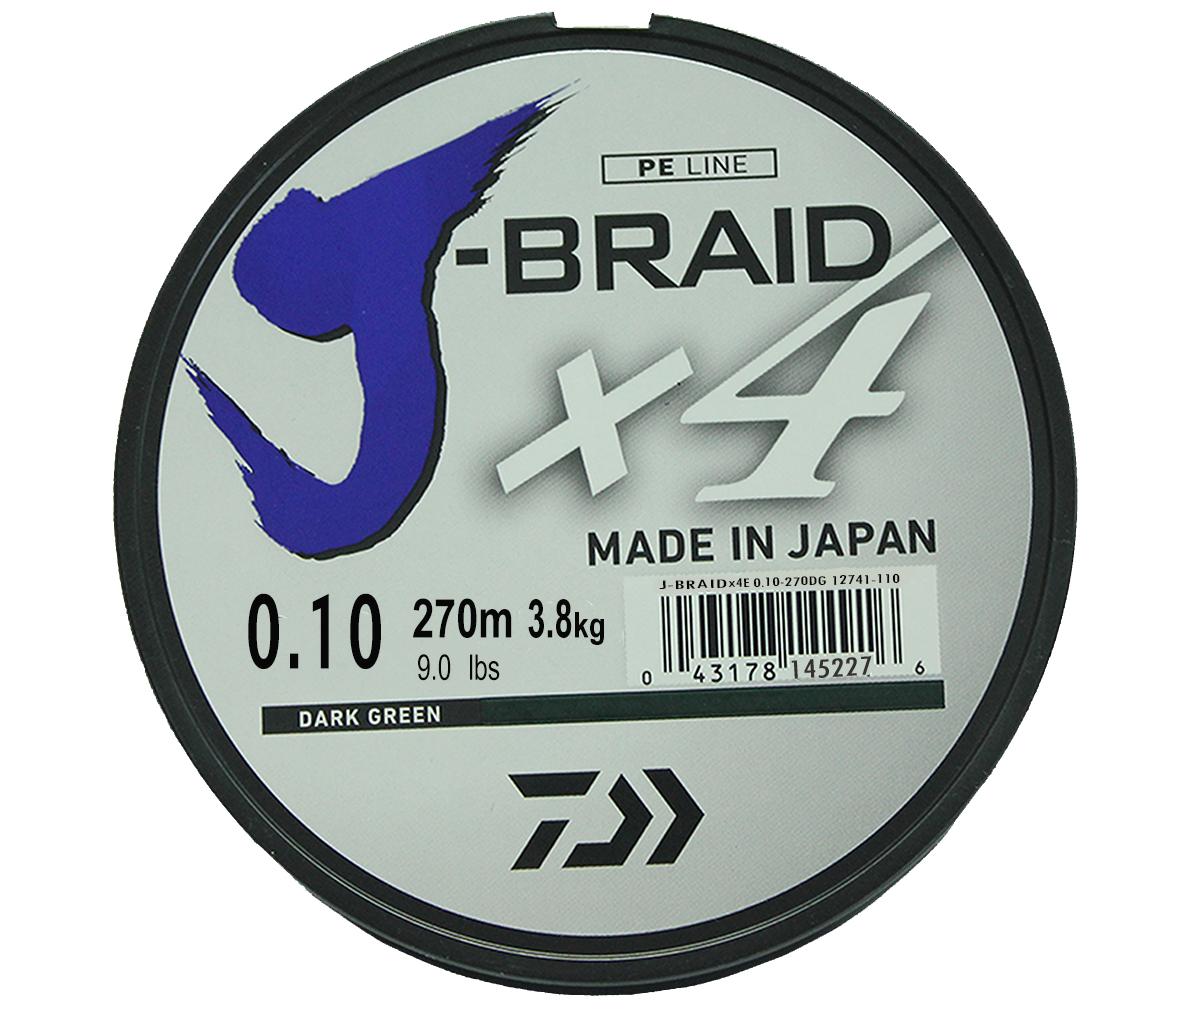 Шнур плетеный Daiwa J-Braid X4, цвет: зеленый, 270 м, 0,10 мм61169Новый 4х жильный шнур J-Braid, DAIWA - шнур высокого класса с удивительным соотношением цены и качества. Качество плетения полностью соответствует японским стандартам и удовлетворяет всем требованиям. Представленные диаметры позволяют использовать шнур для всех техник ловли, начиная от ultra- light ловли окуня, до морской ловли палтуса, трески и т.д